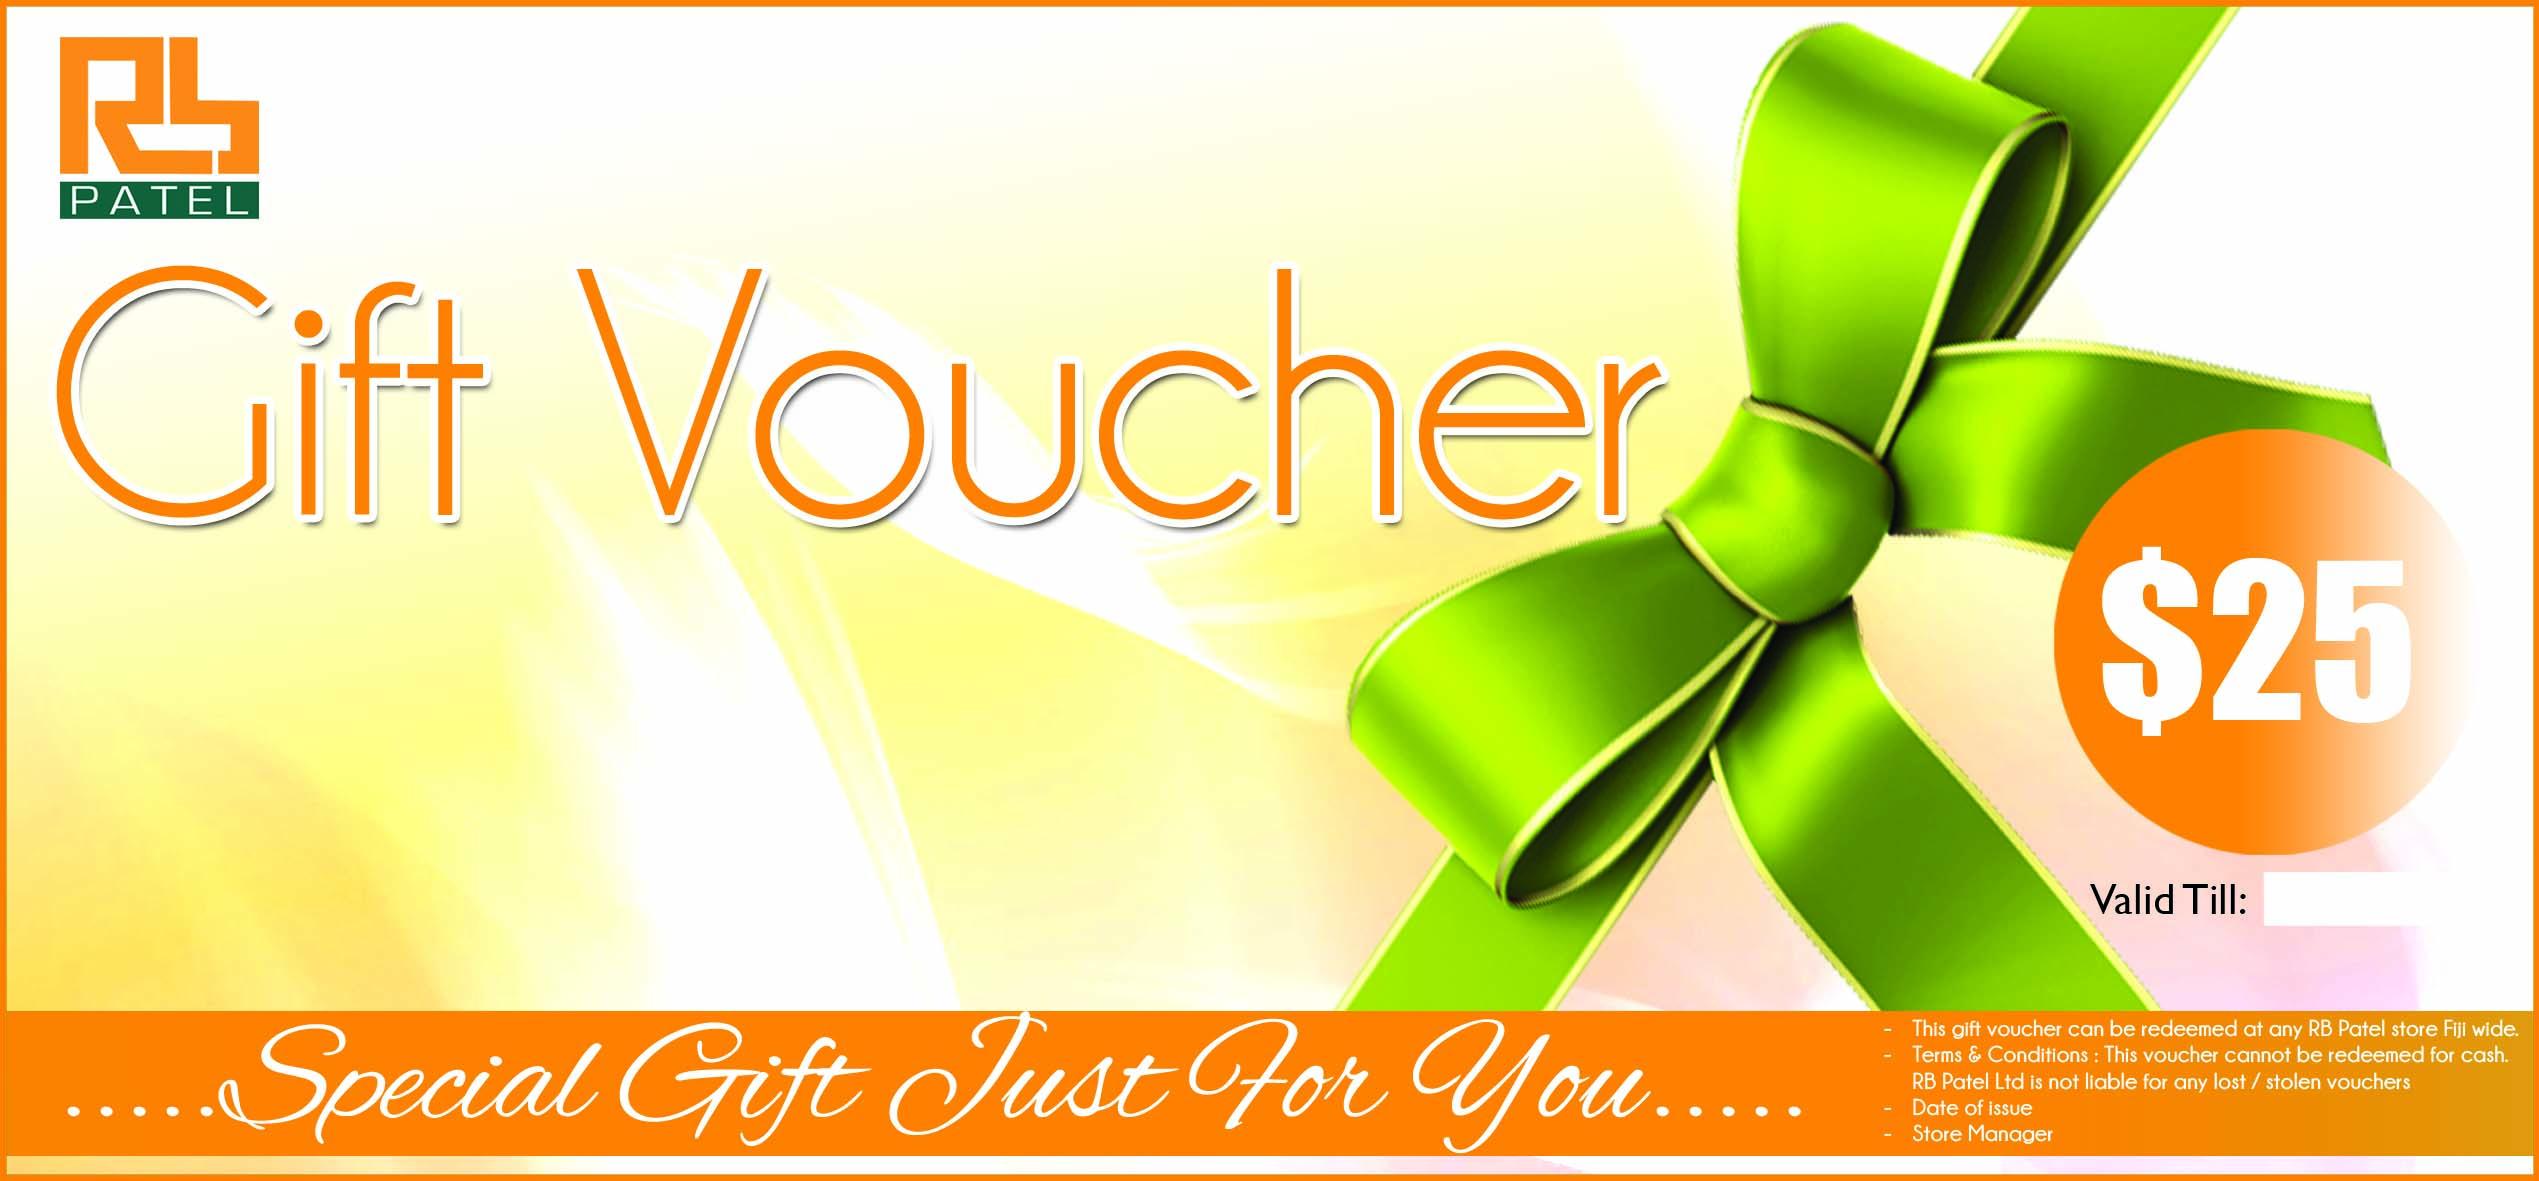 Gift Voucher $25